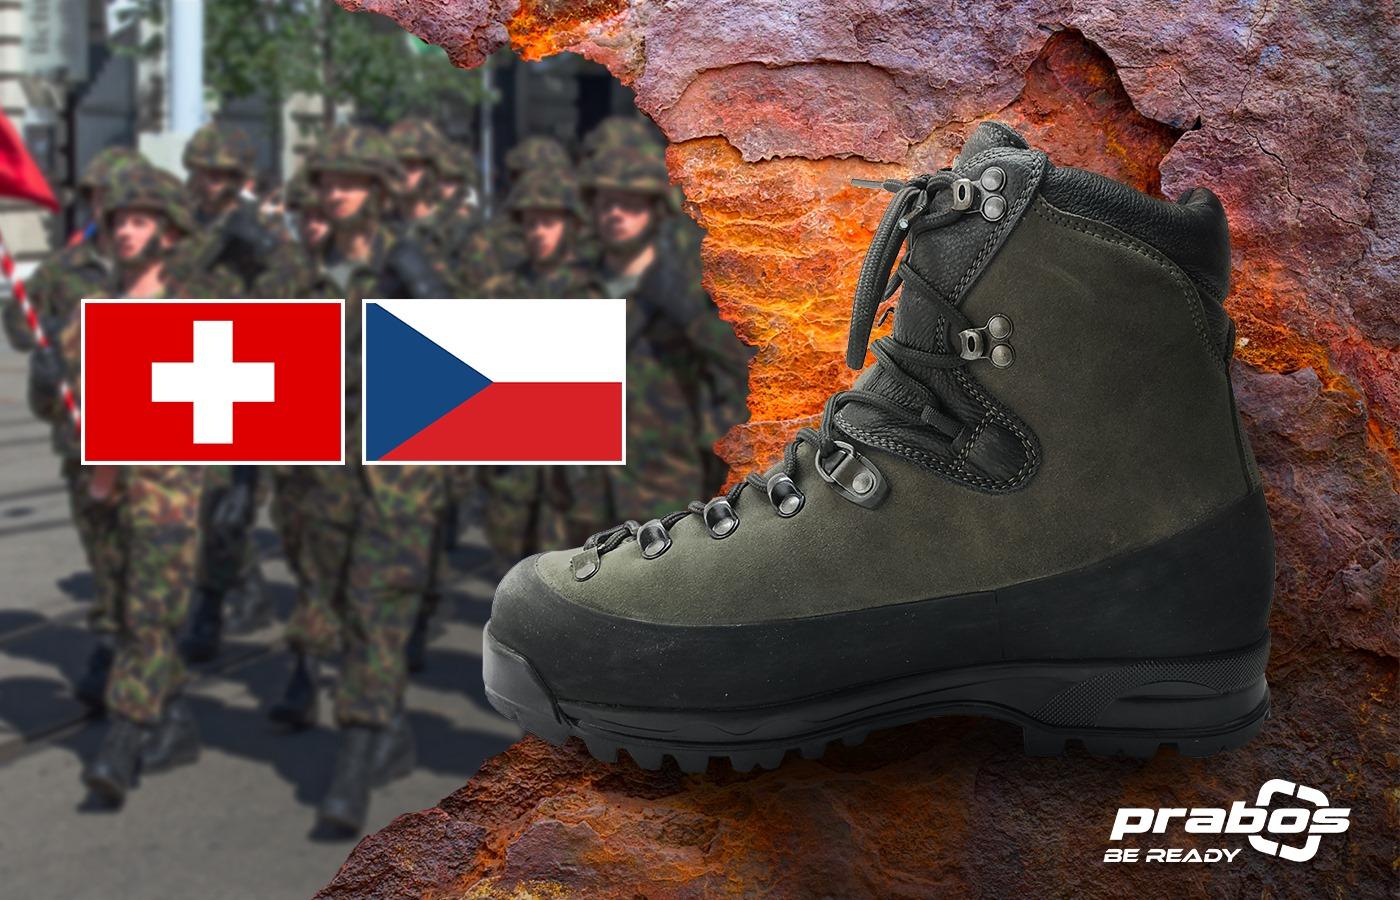 https://www.prabos.pl/wp-content/uploads/2019/11/Buty-wojskowe-gorskie-dla-armii-szwajcarskiej-kontraktowe-Prabos.jpg